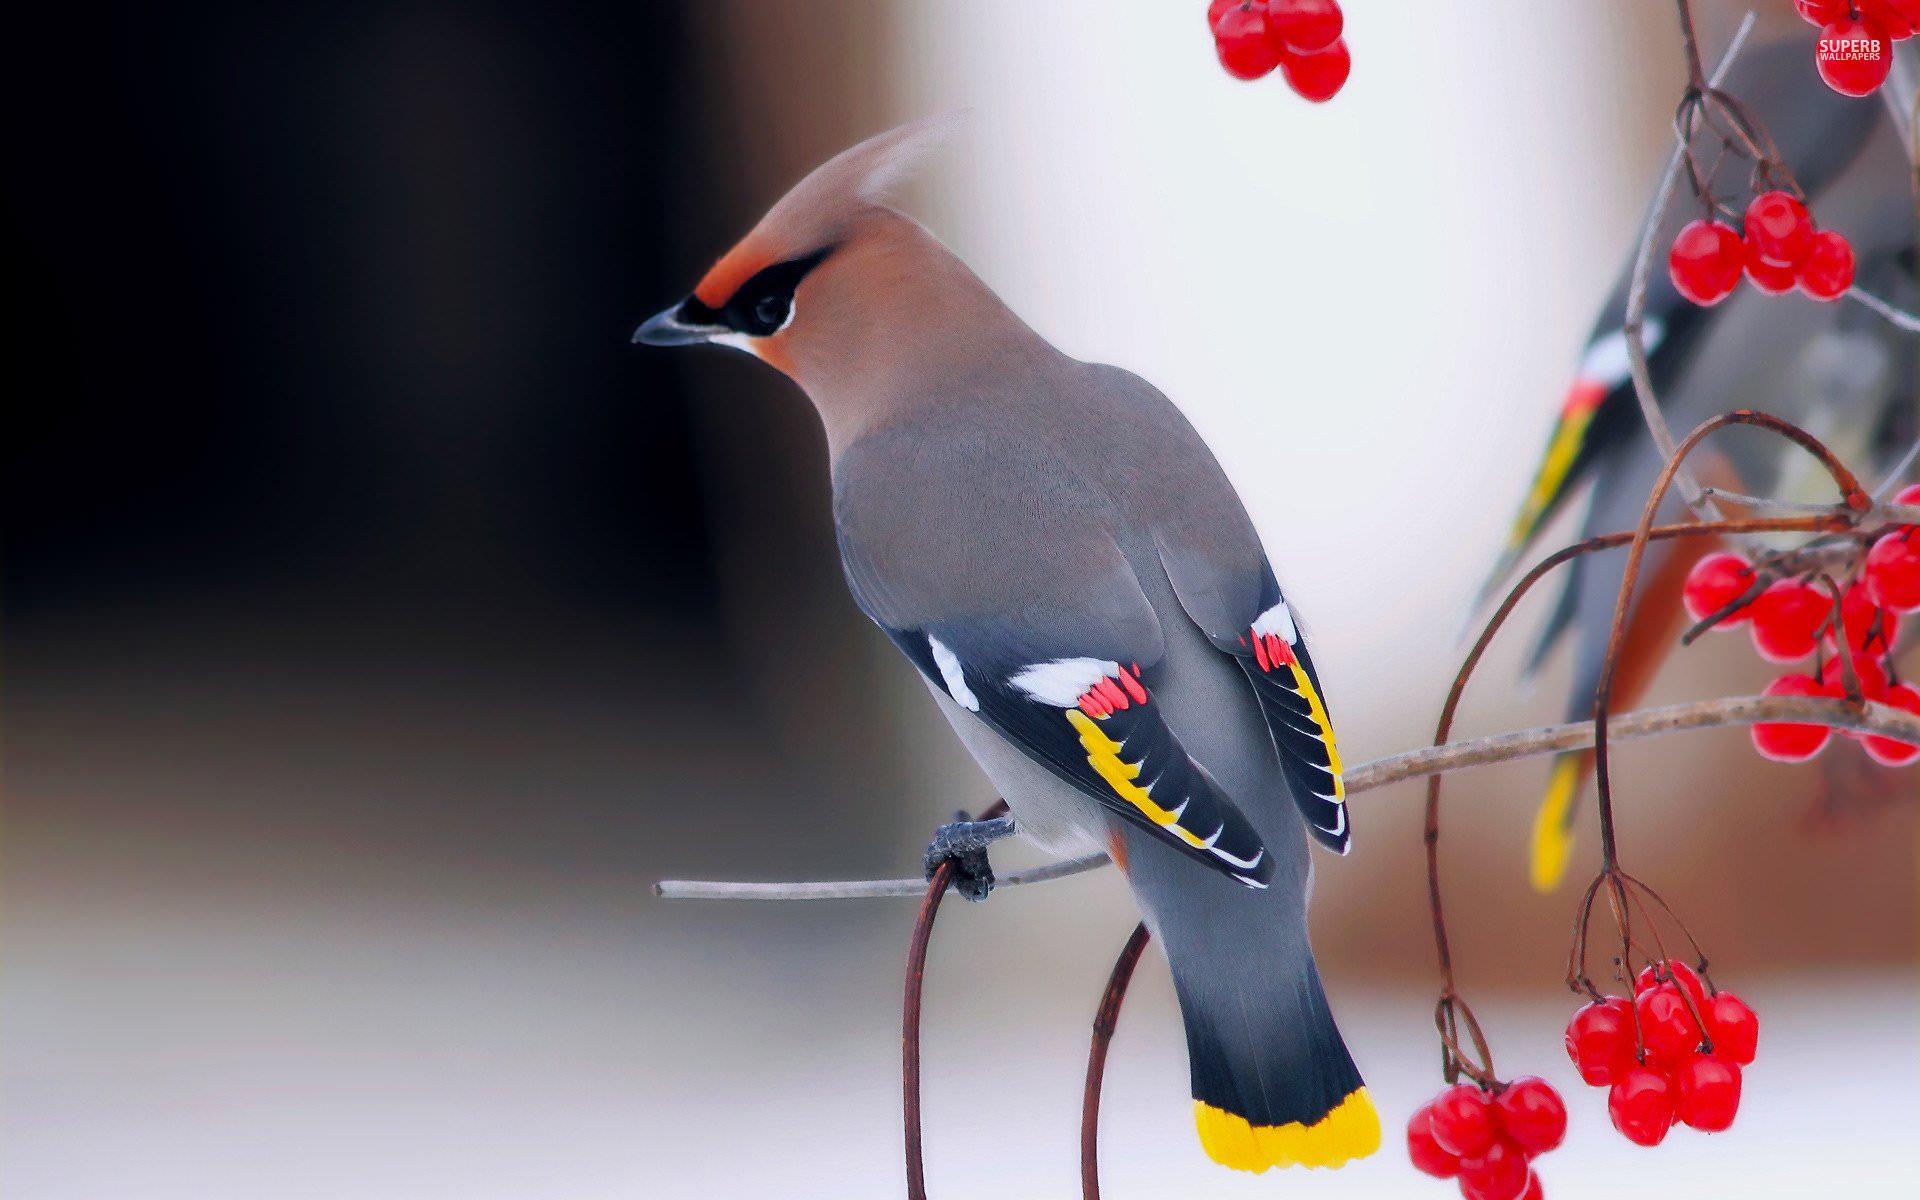 wonderful bird - Imgur